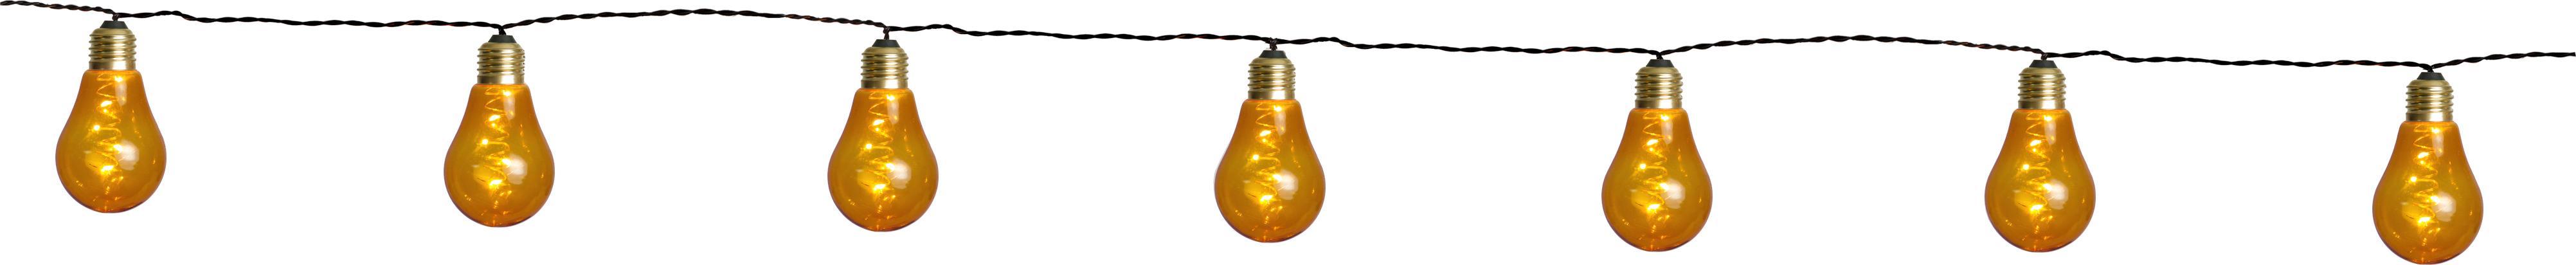 Guirnalda de luces LED Bulb, 360cm, Cable: plástico, Ámbar, dorado, negro, L 360 cm